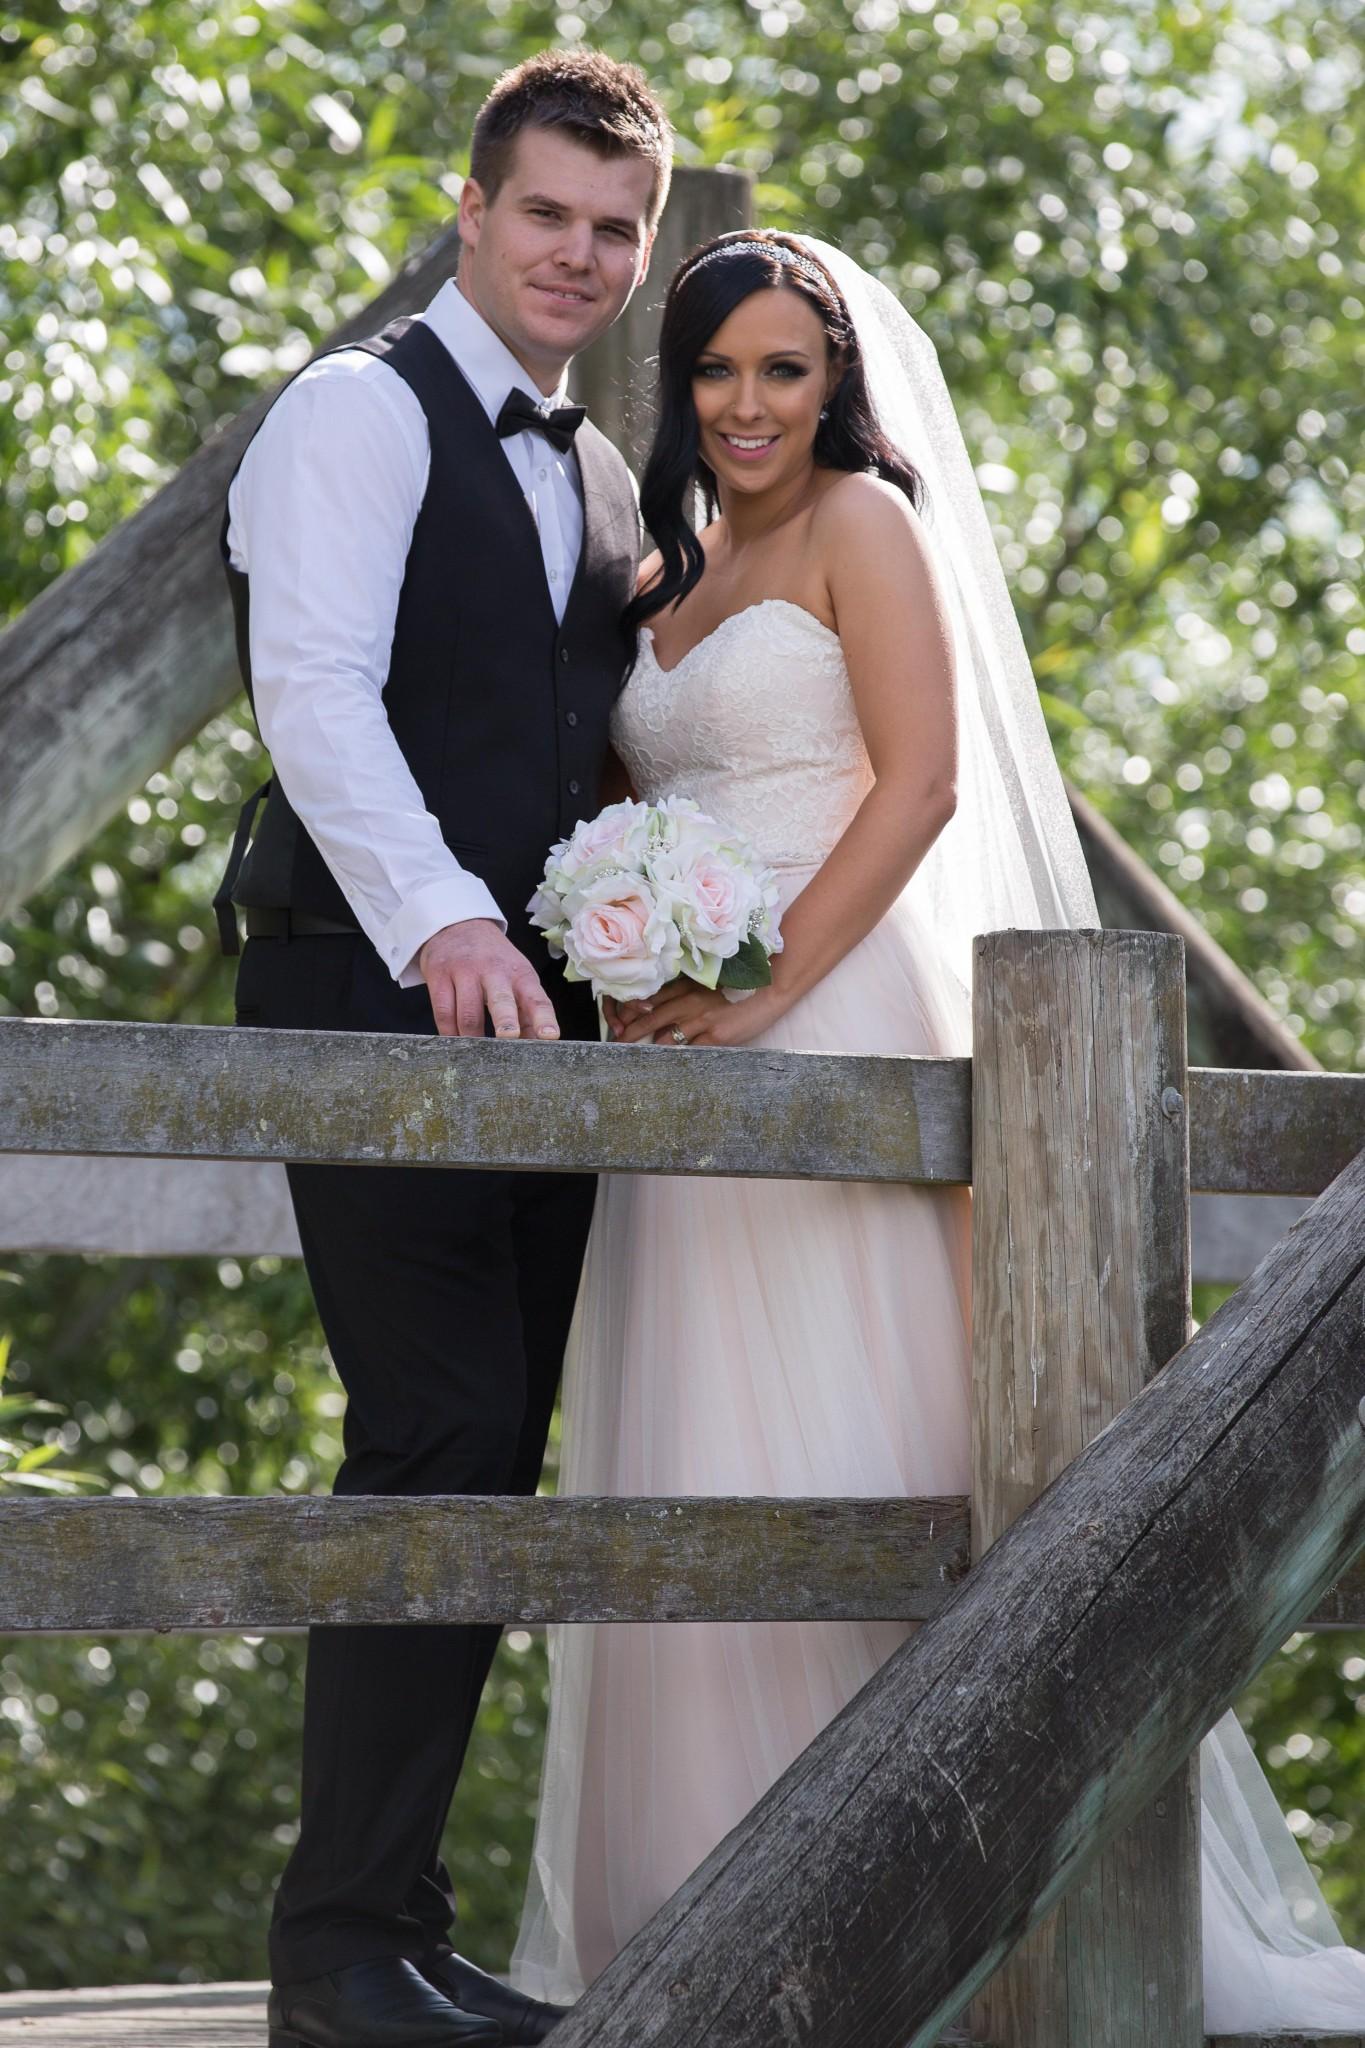 Wedding Couple Bridge Photo